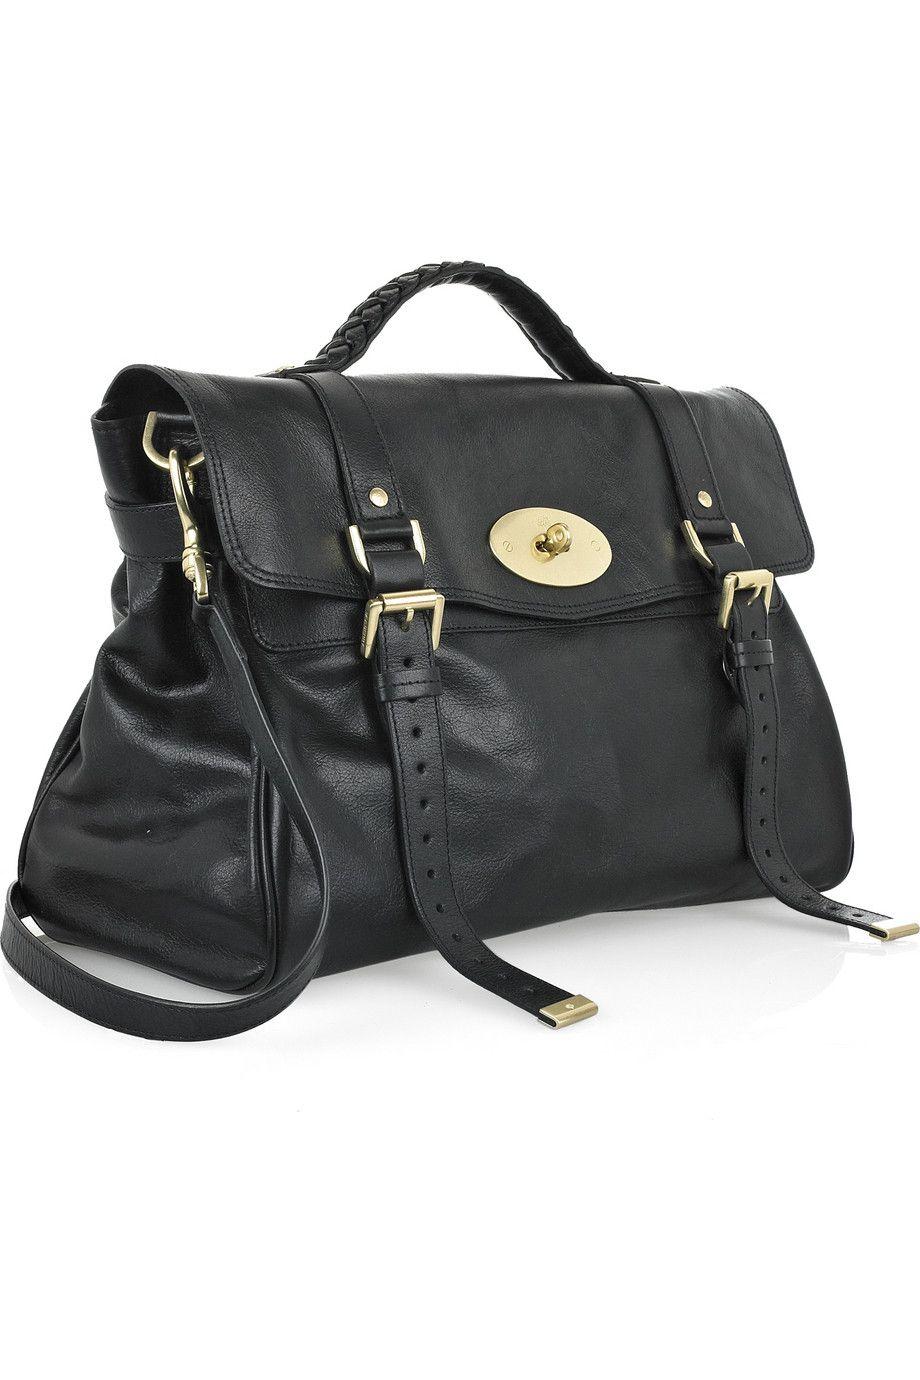 mulberry alexa bag  b6404865e2030